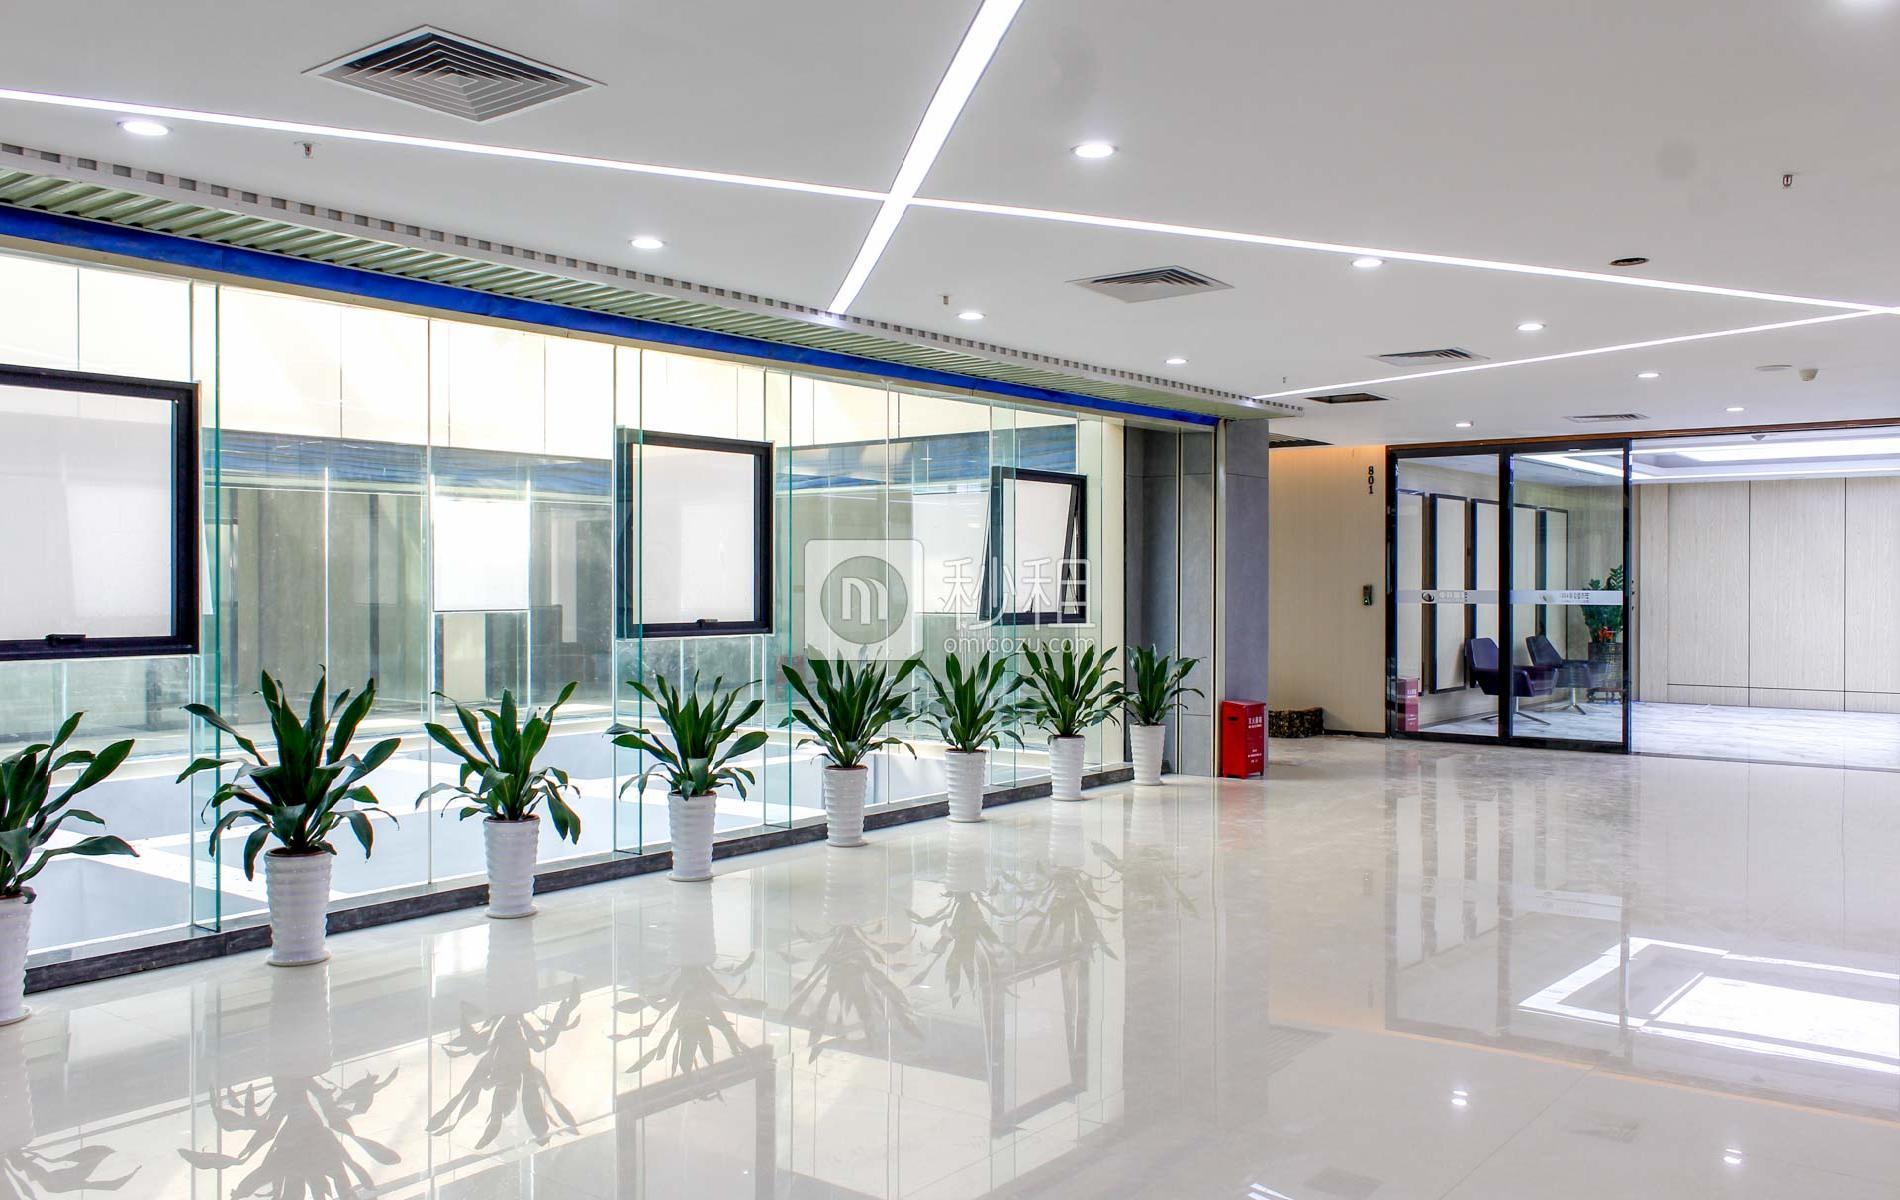 办公室装修设计之天花板的设计应该注意哪些方面